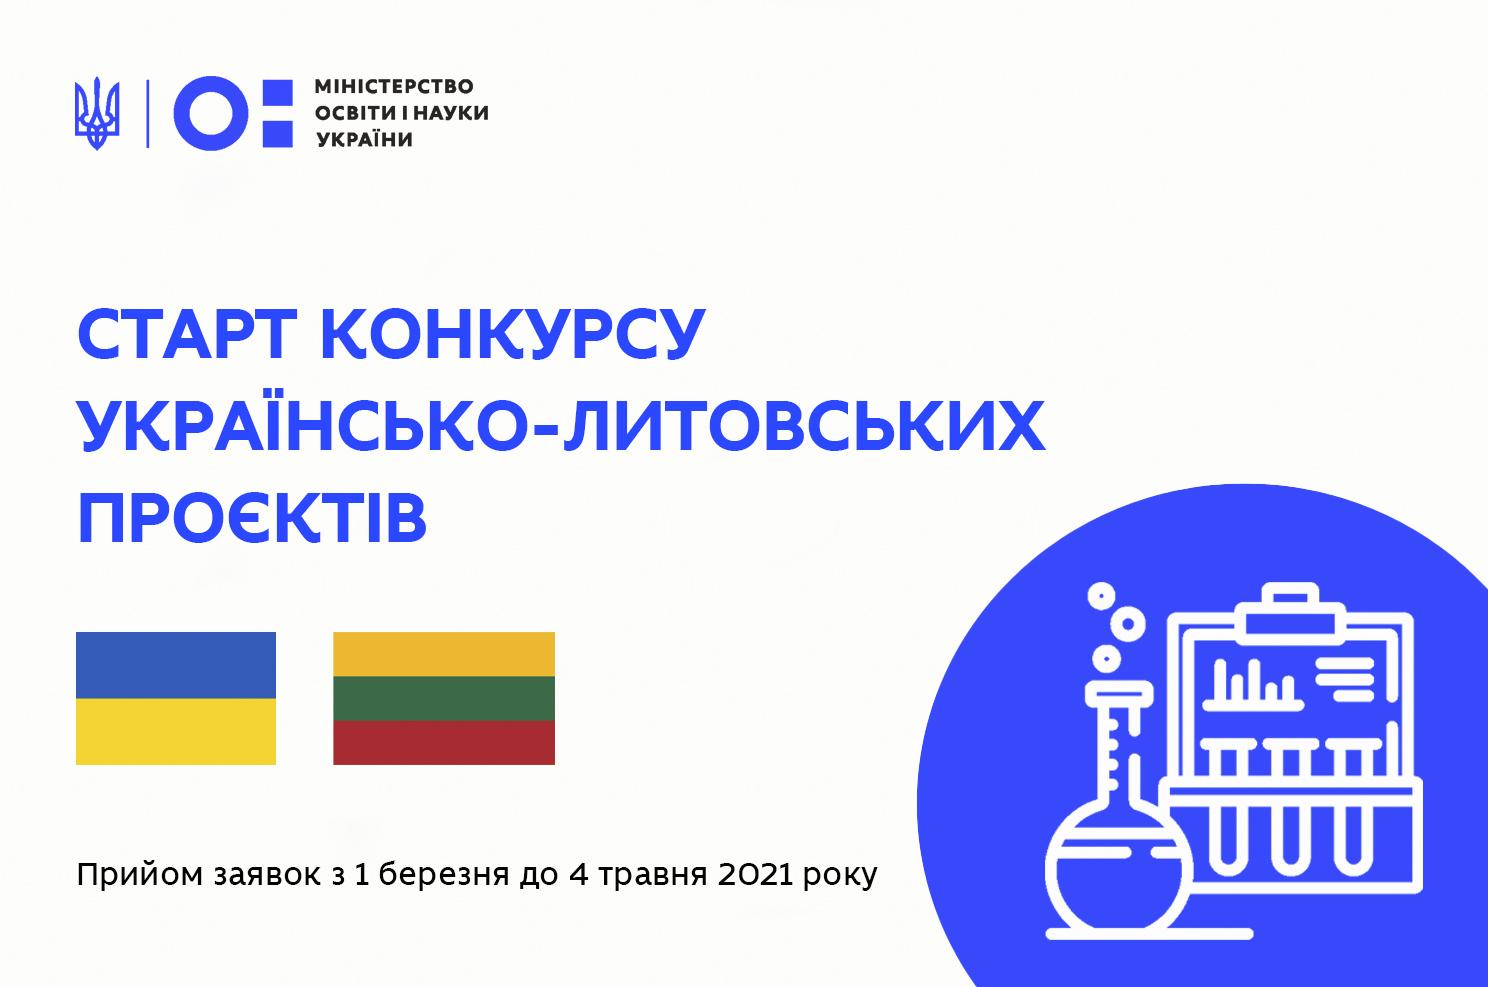 Українсько-литовські науково-дослідні проєкти